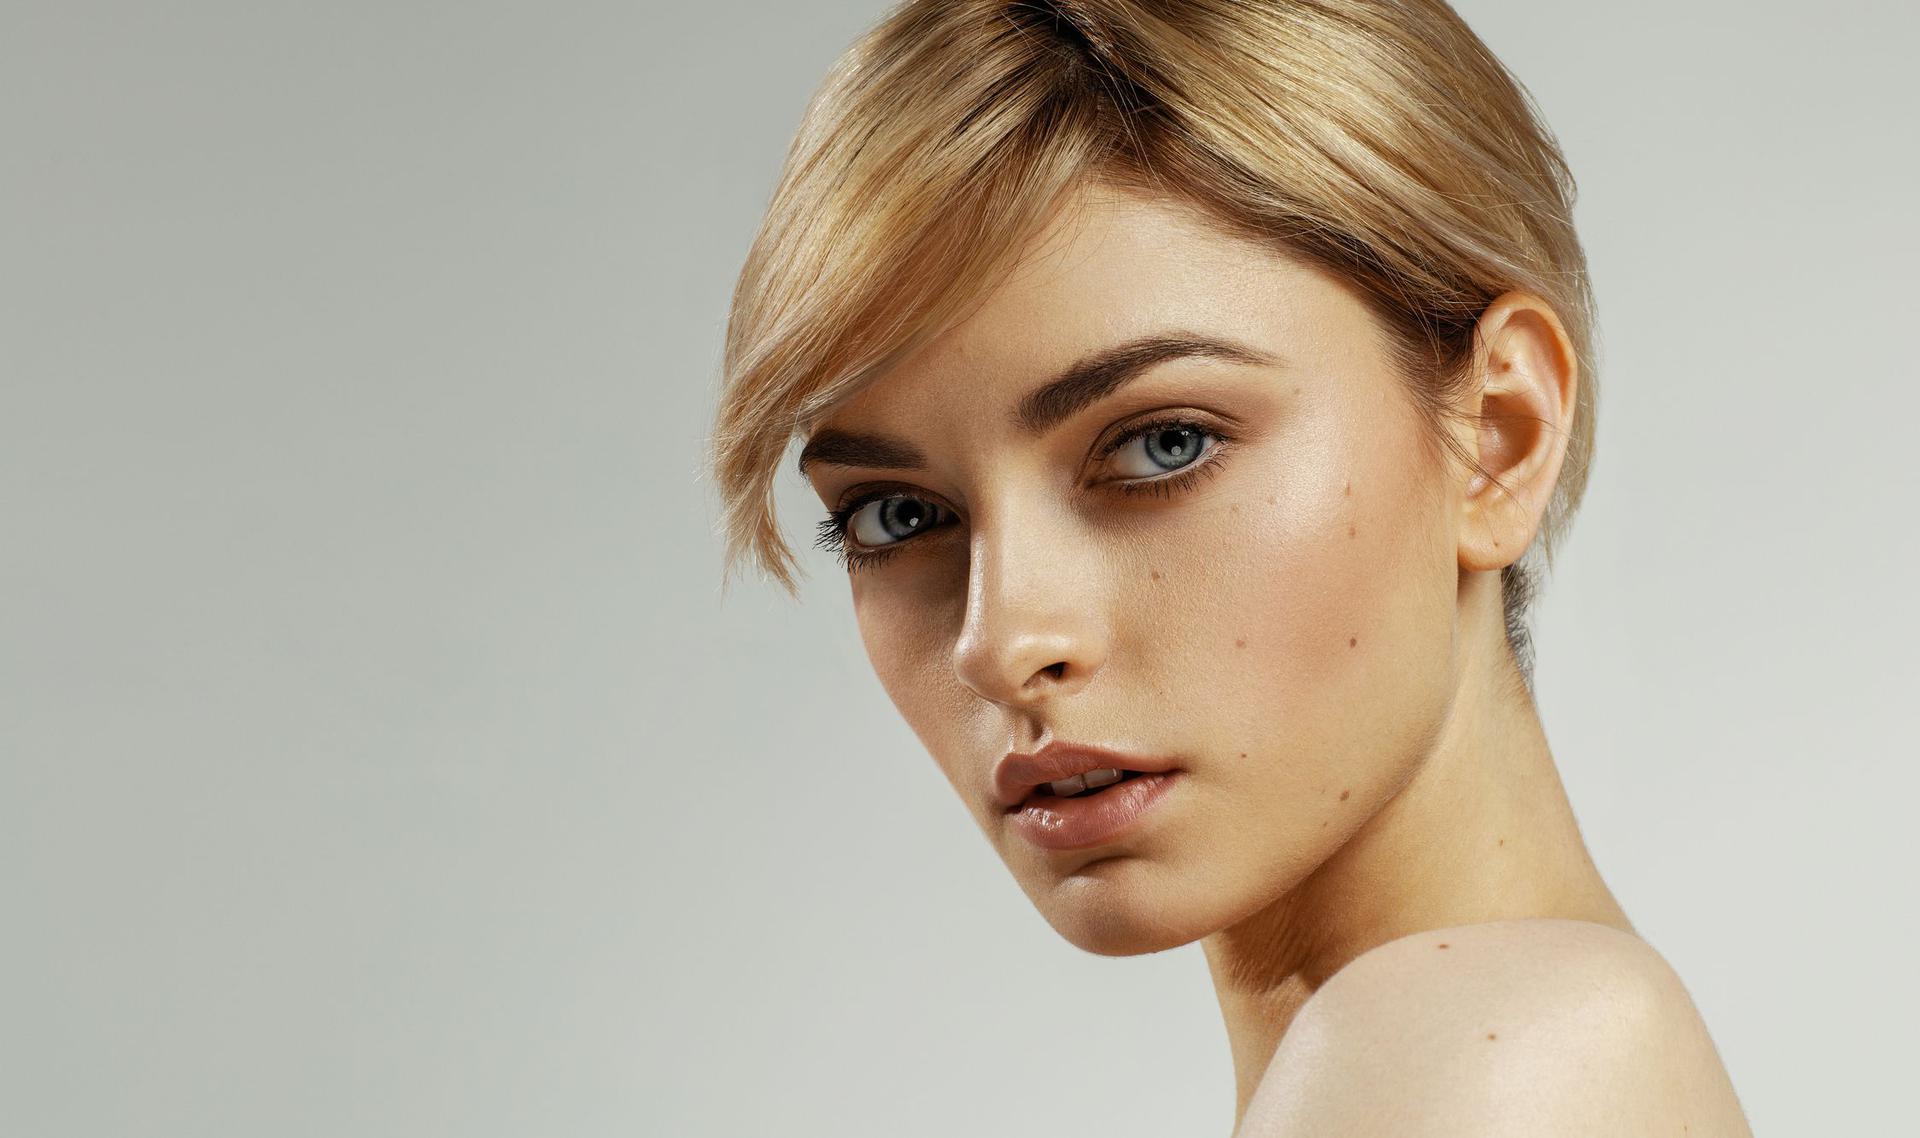 Jak Wyszczuplić Twarz Makijaż Fryzura ćwiczenia I Inne